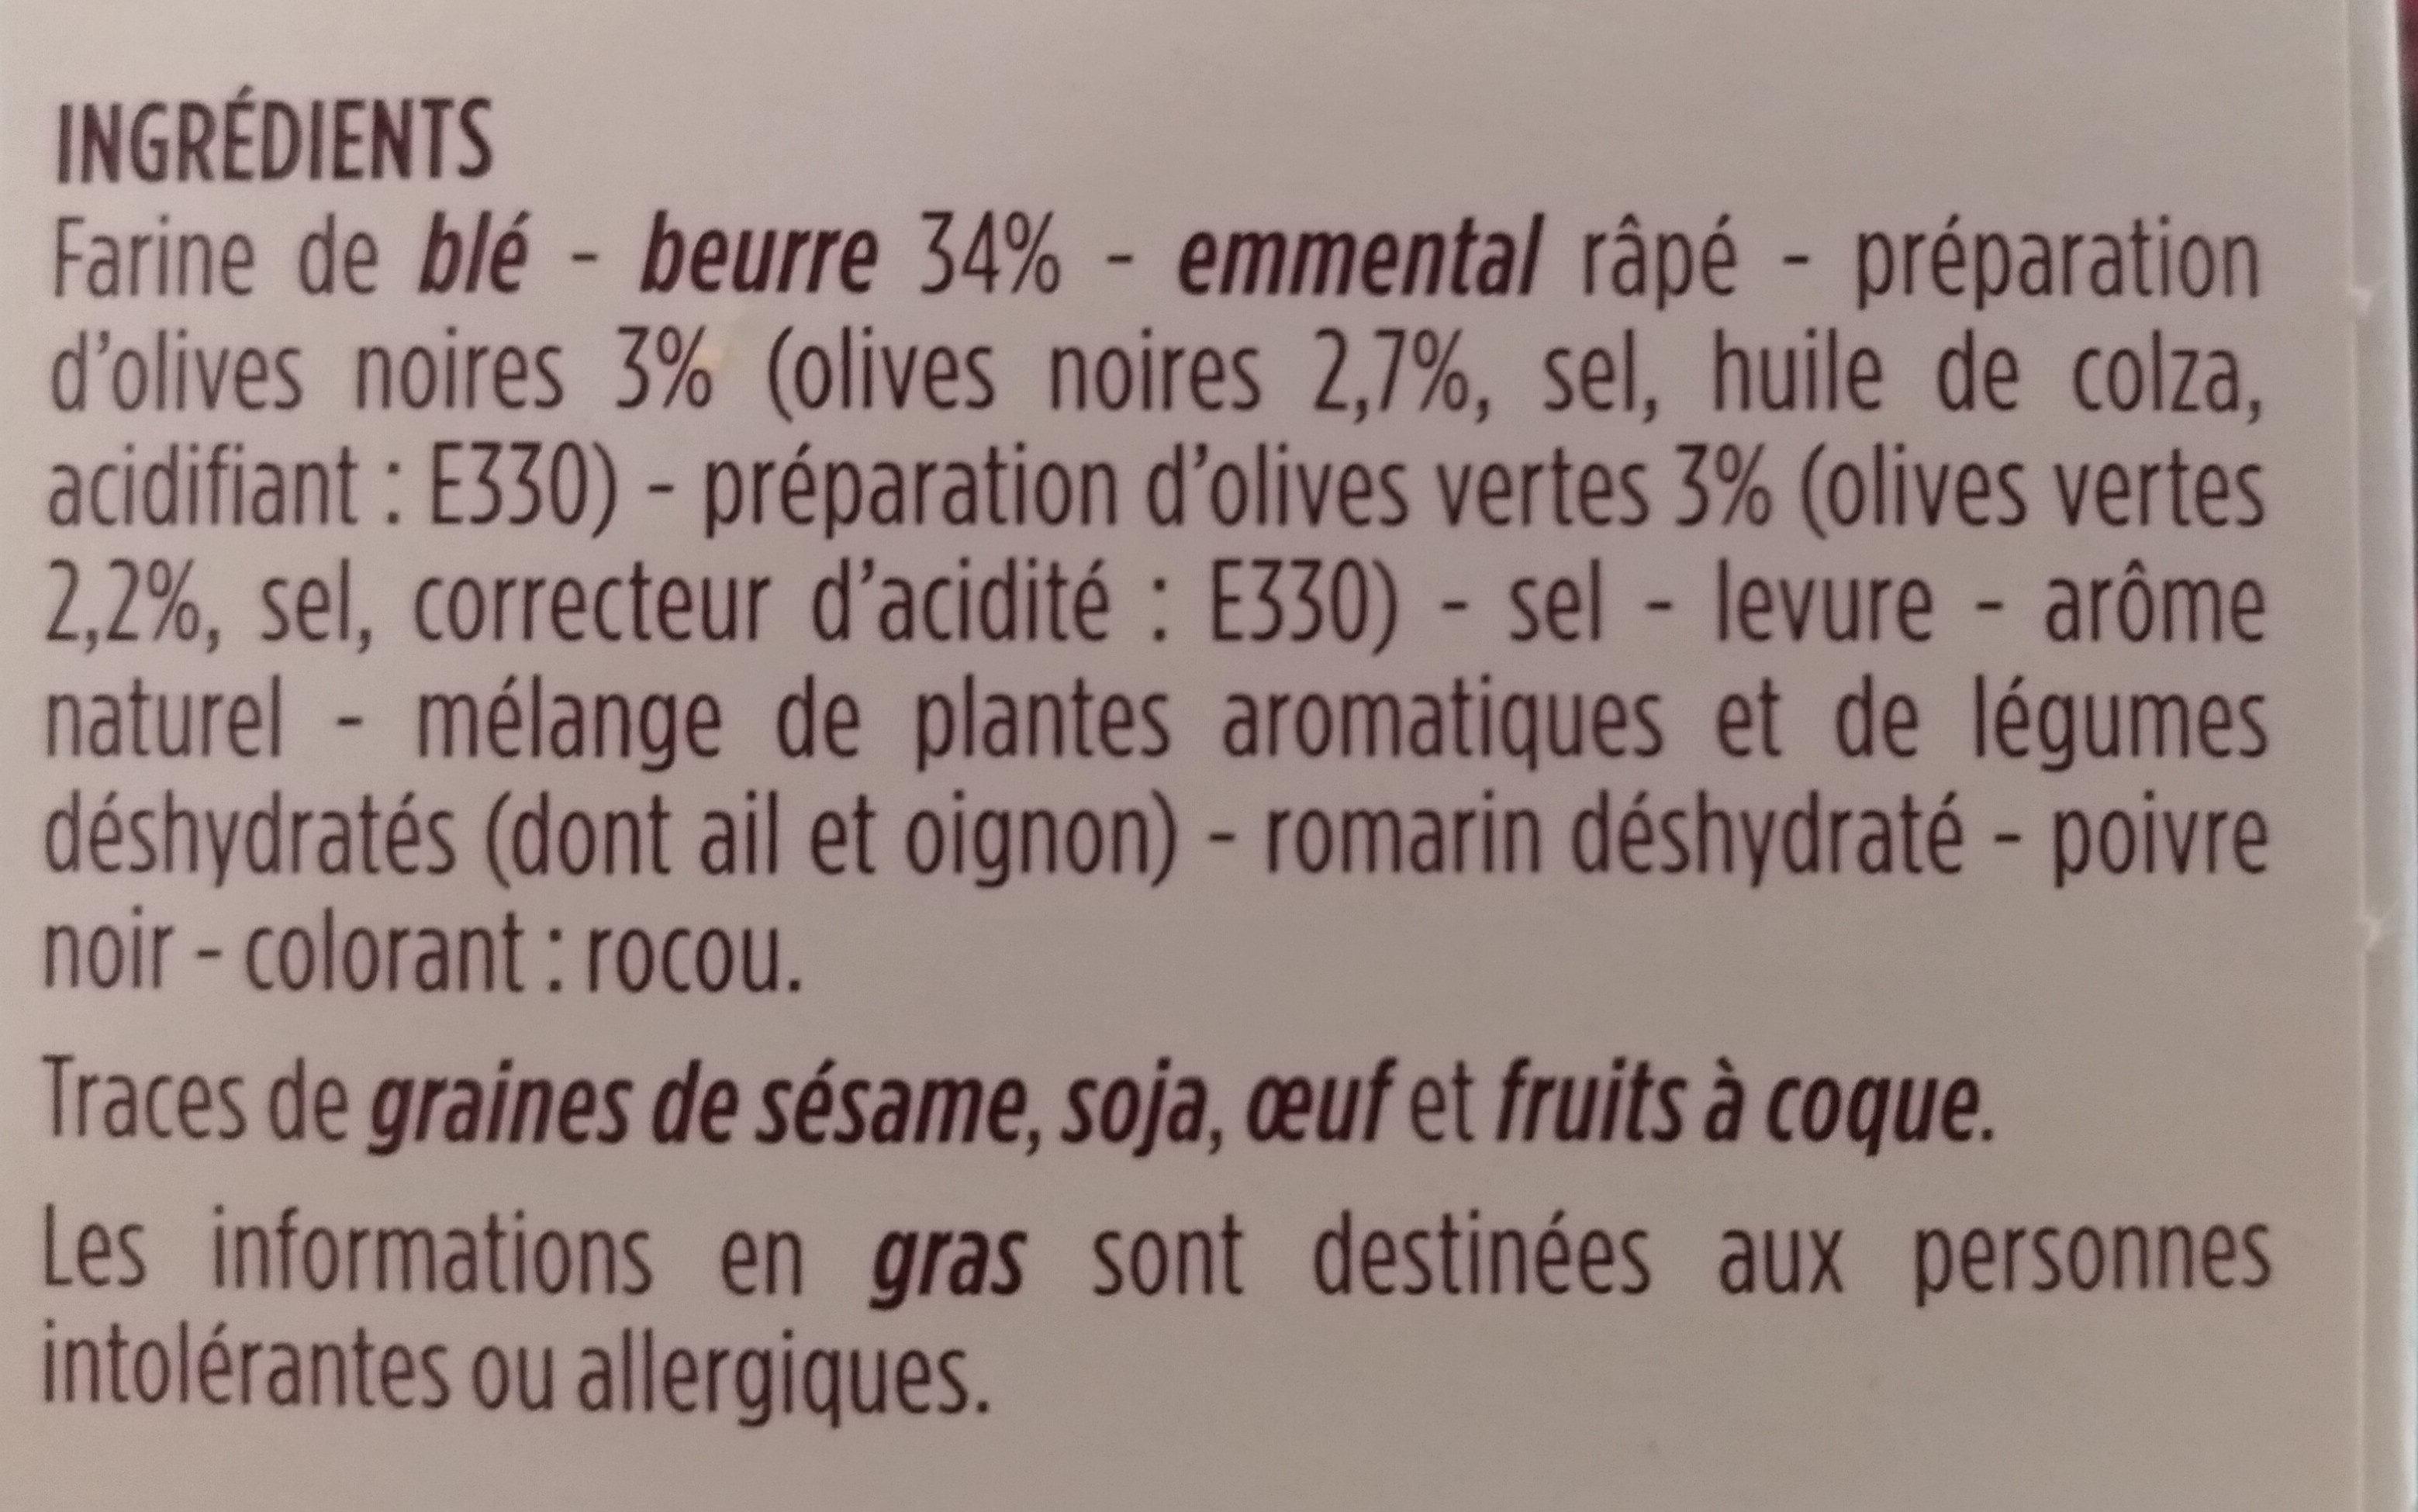 Mini palmiers apéritifs - Olives noires et vertes - Ingredients